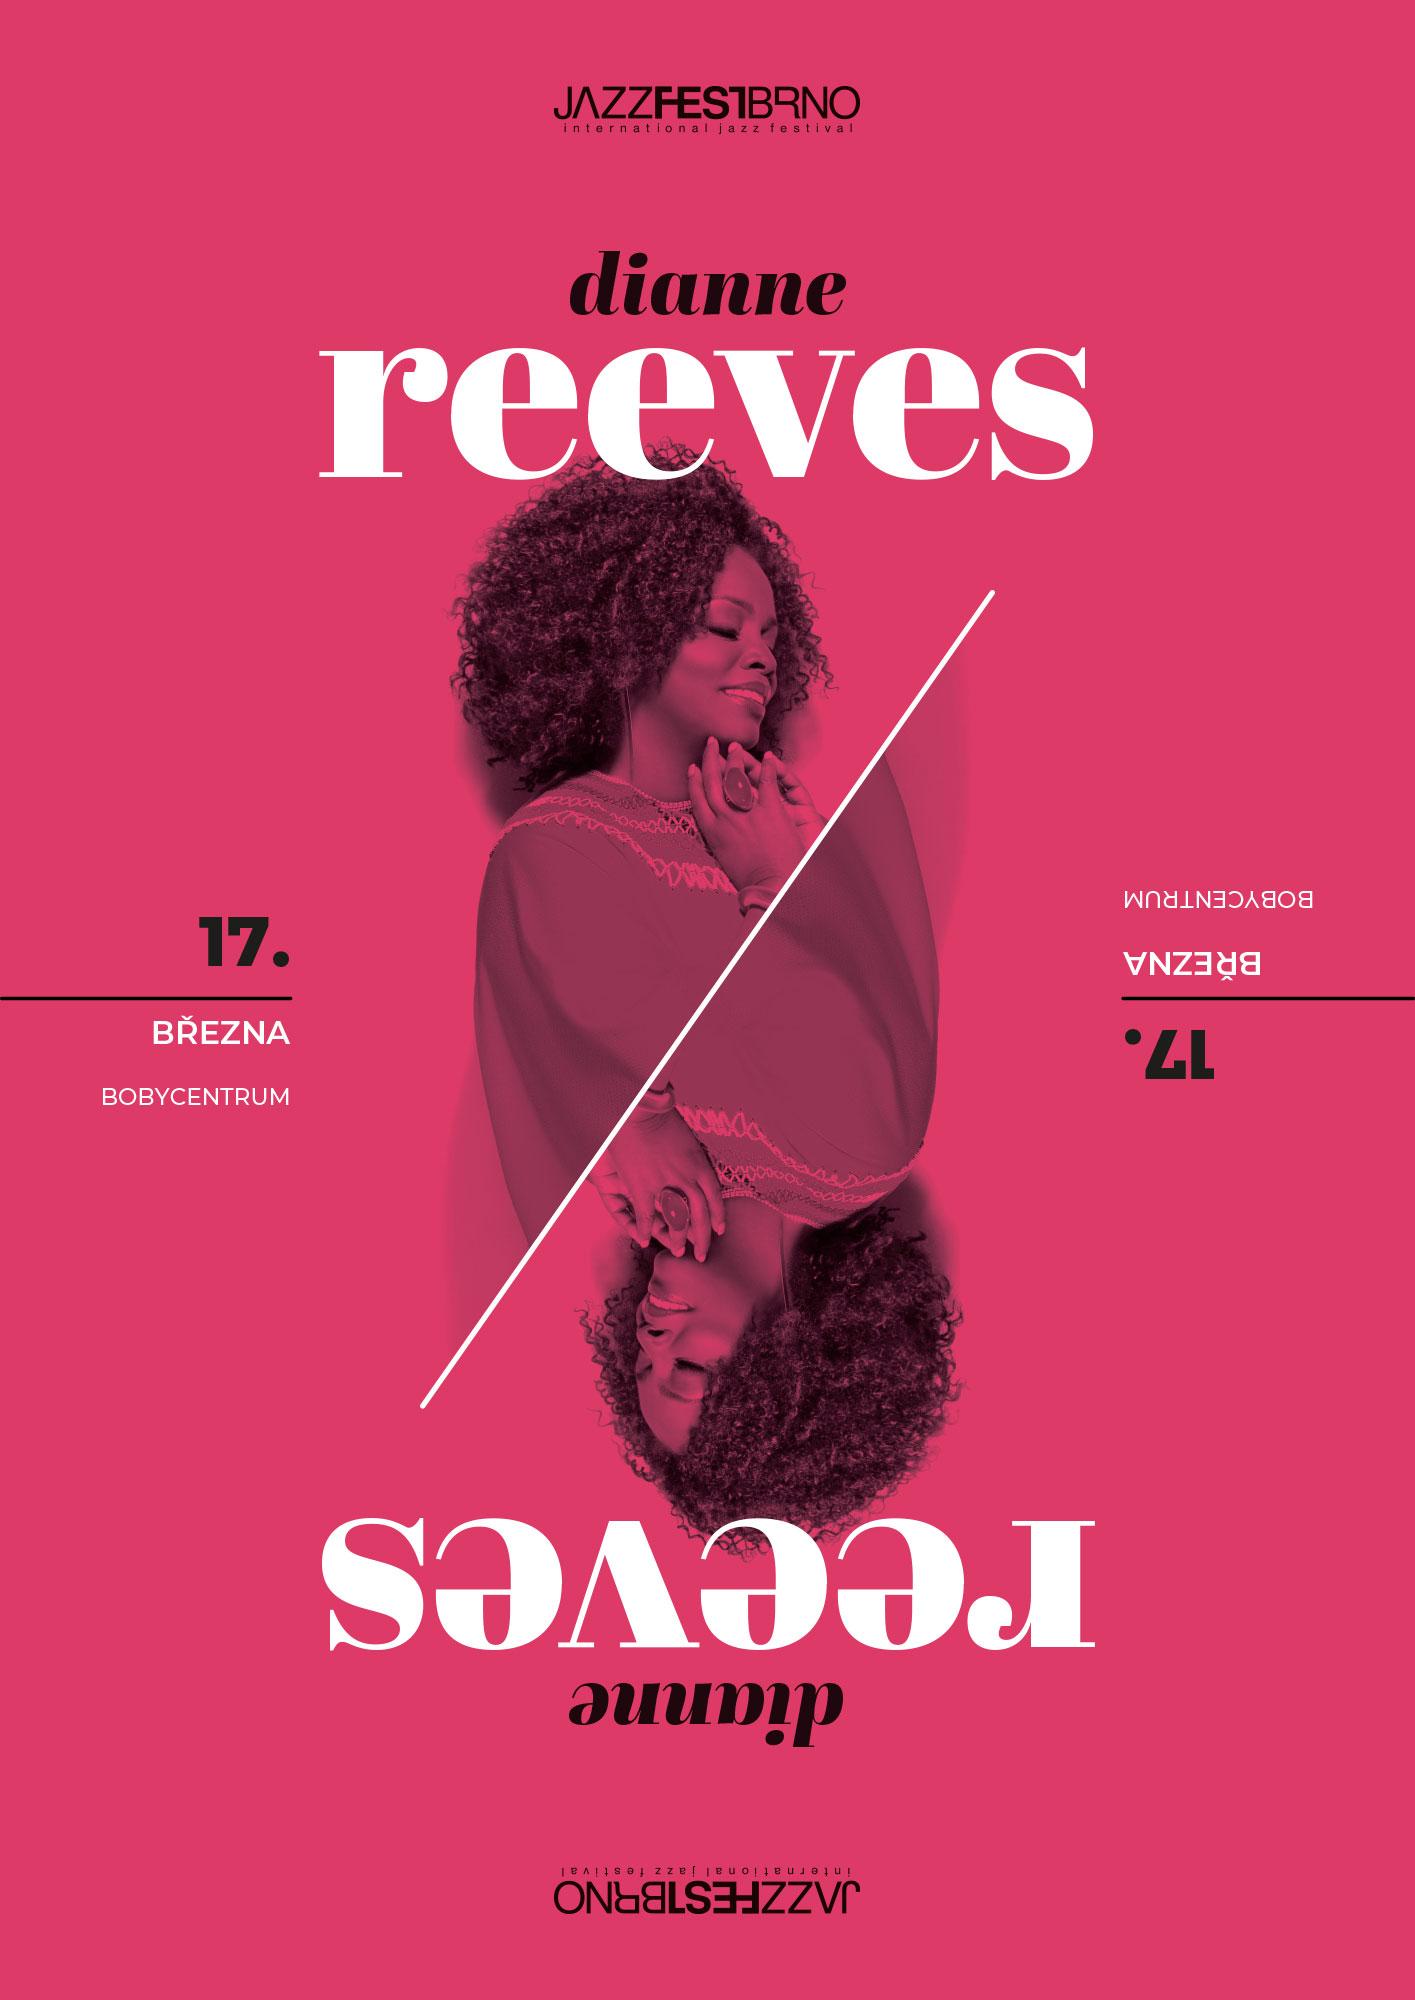 Jazzfestbrno 2015 - Dianne Reeves